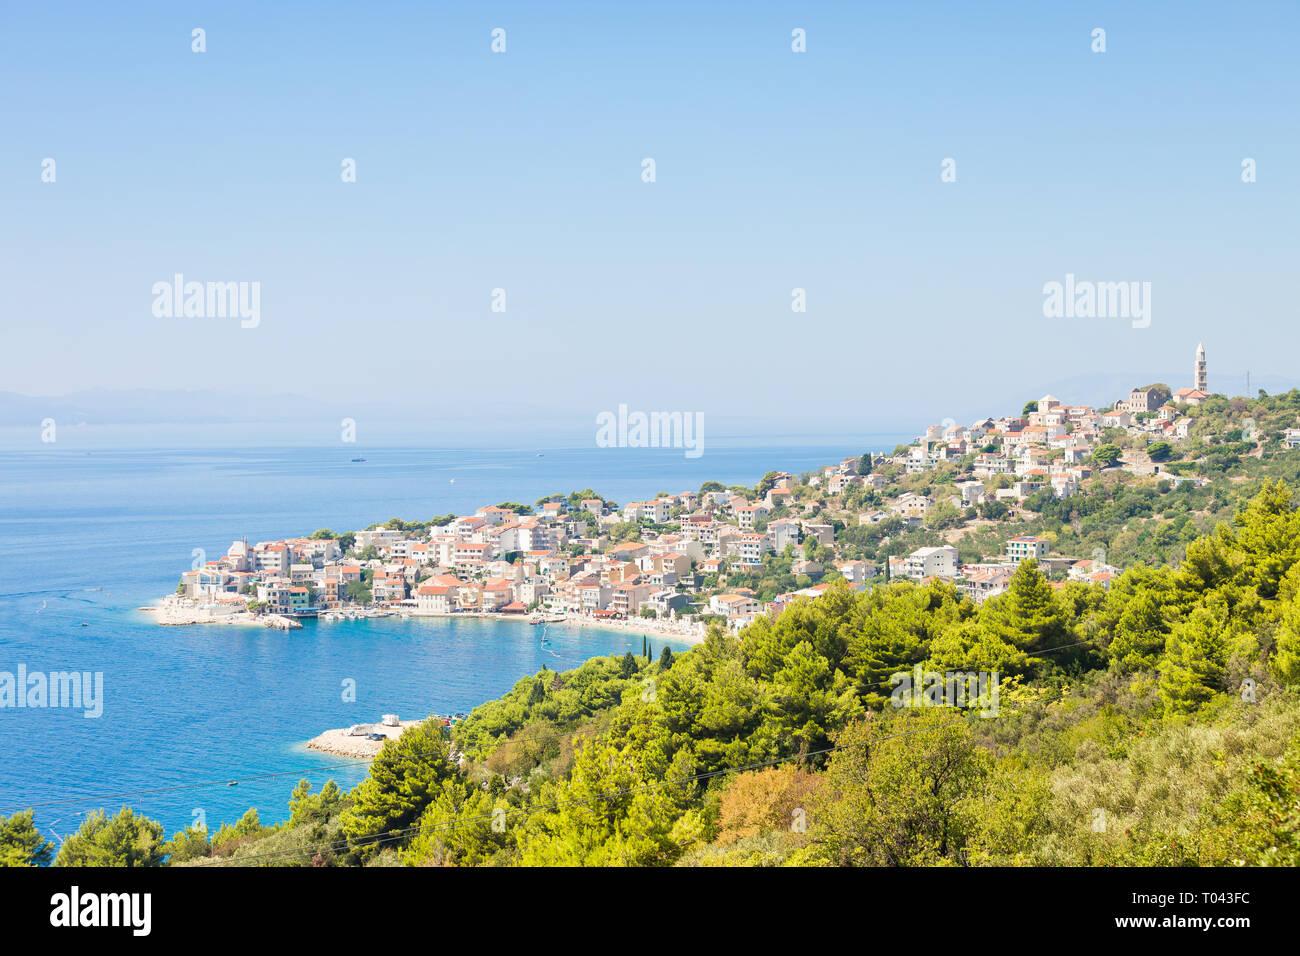 Igrane, Dalmatien, Kroatien, Europa - Skyline von der schönen Küstenstadt Igrane Stockfoto